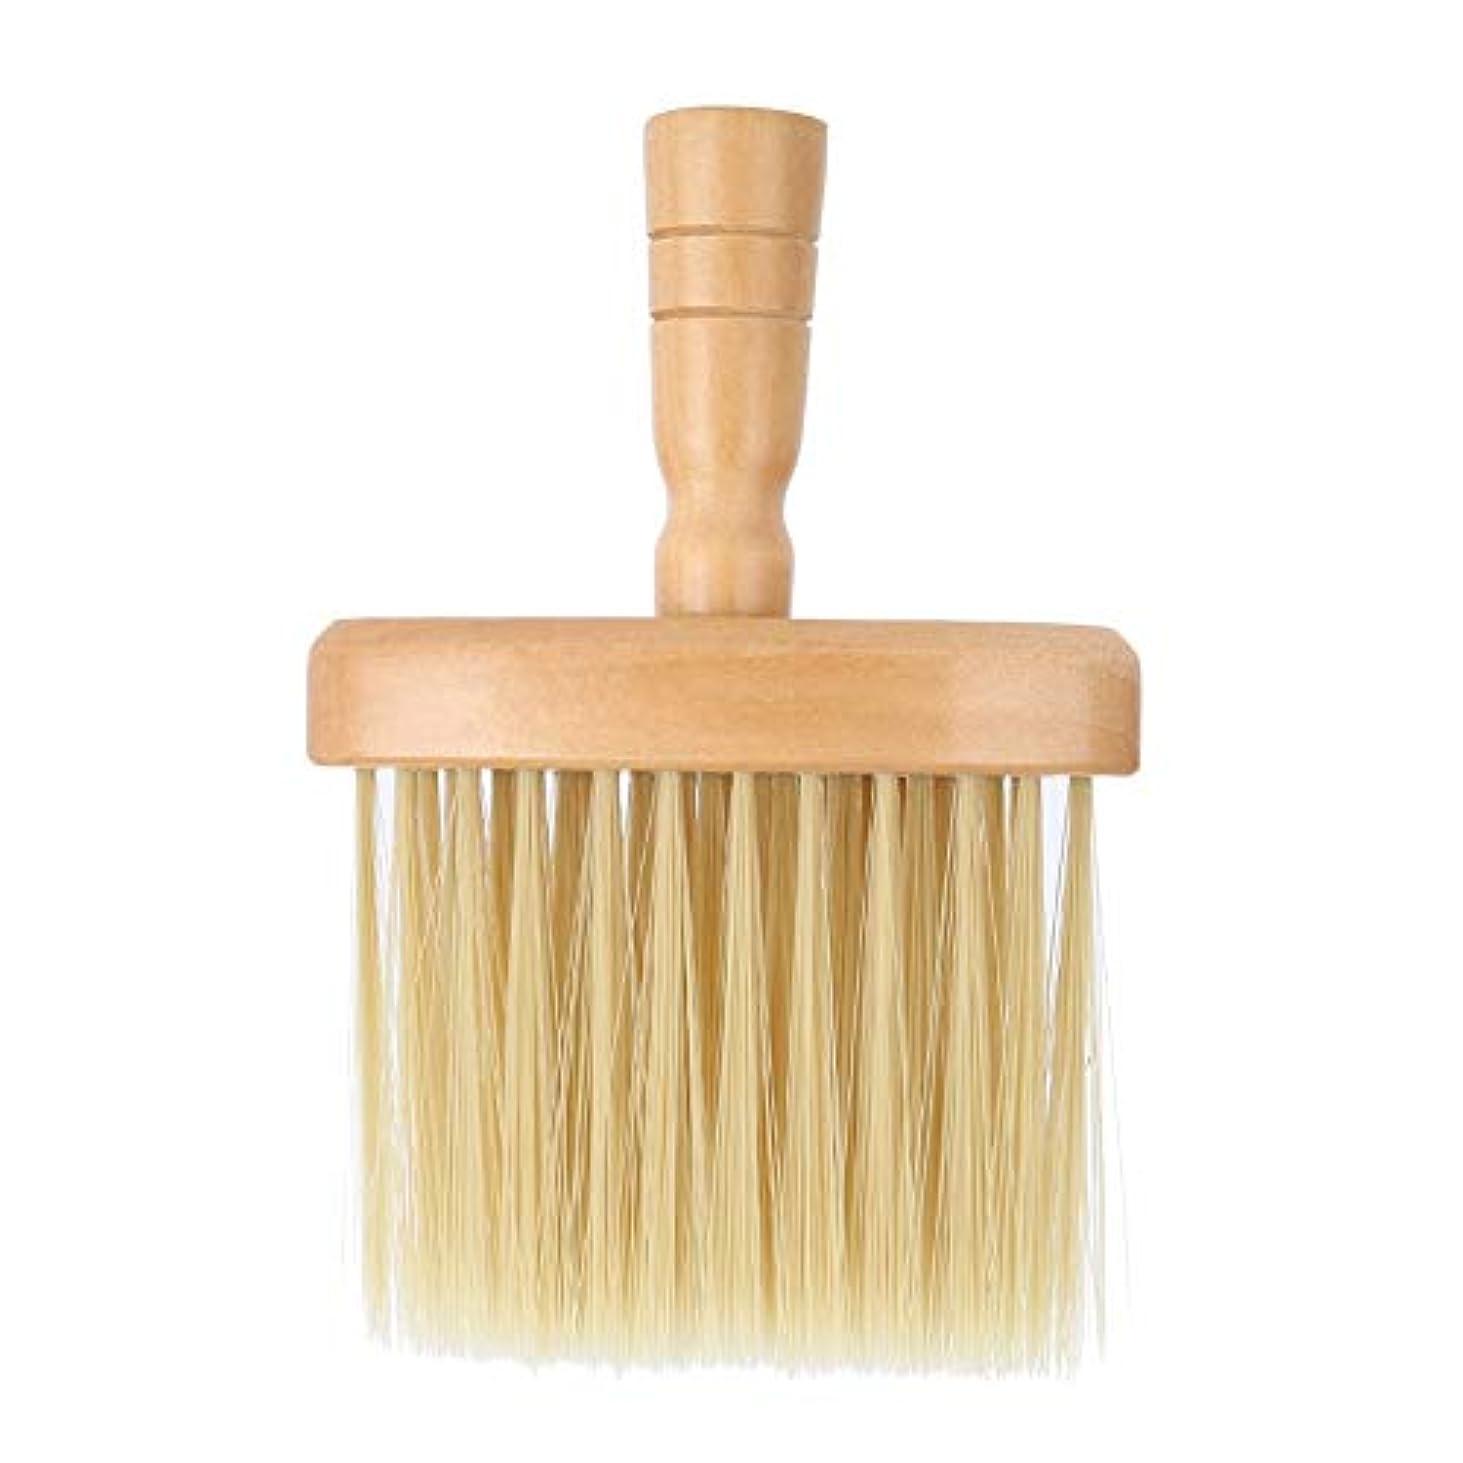 反逆調停する模倣ヘアカットブラシネックフェイスダスターブラシサロンヘアクリーニング木製掃除ブラシヘアカット理髪ツール